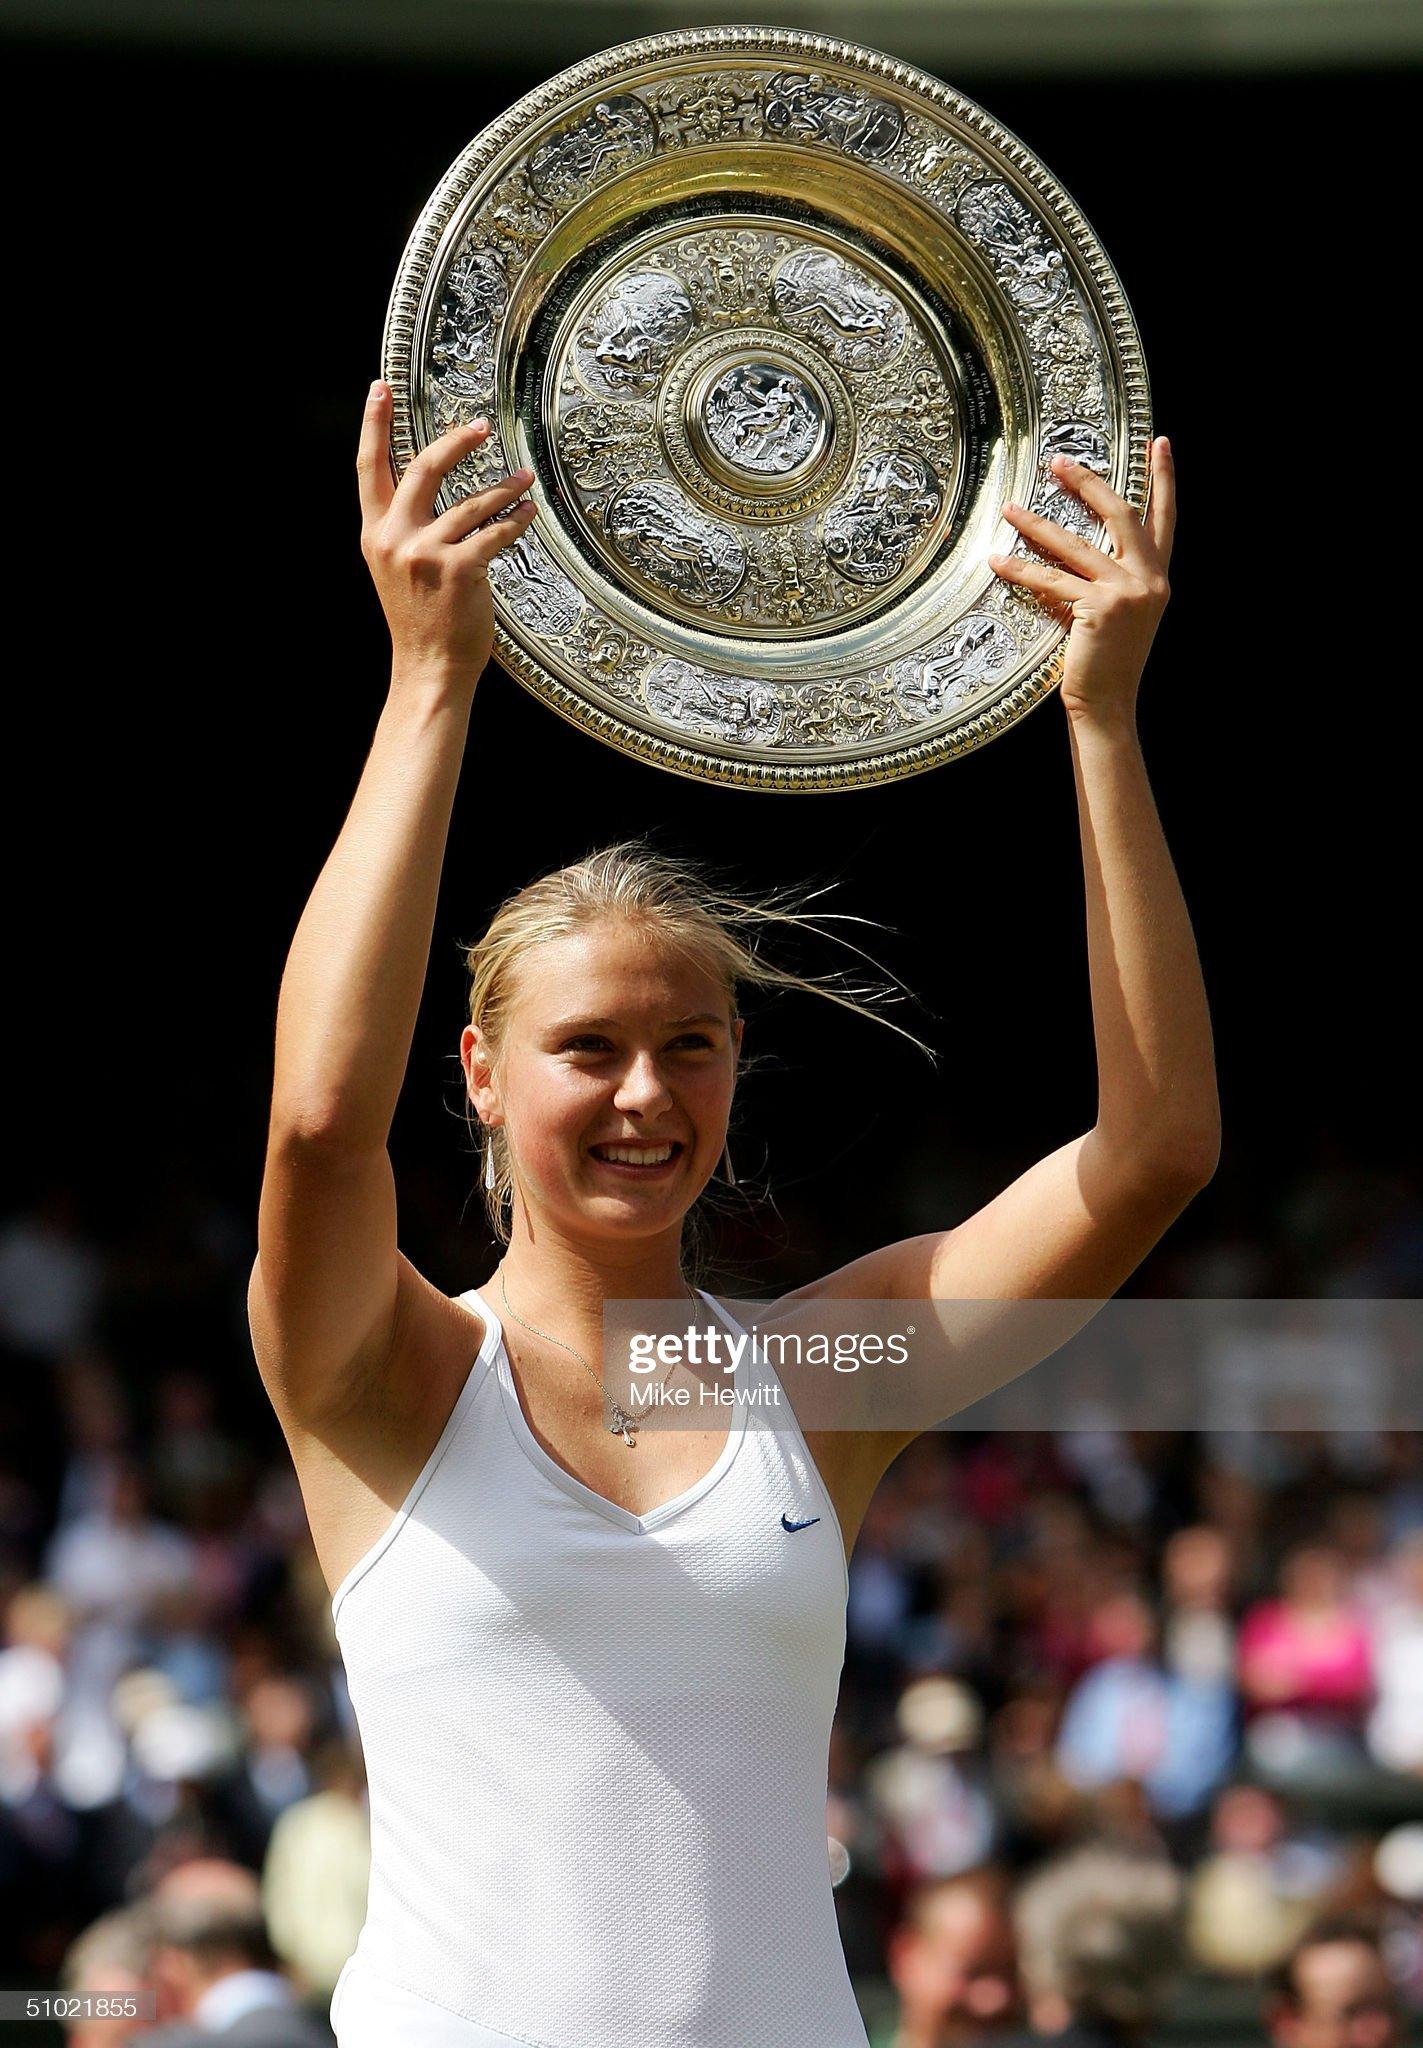 Wimbledon Championships 2004 - Day 12 : News Photo